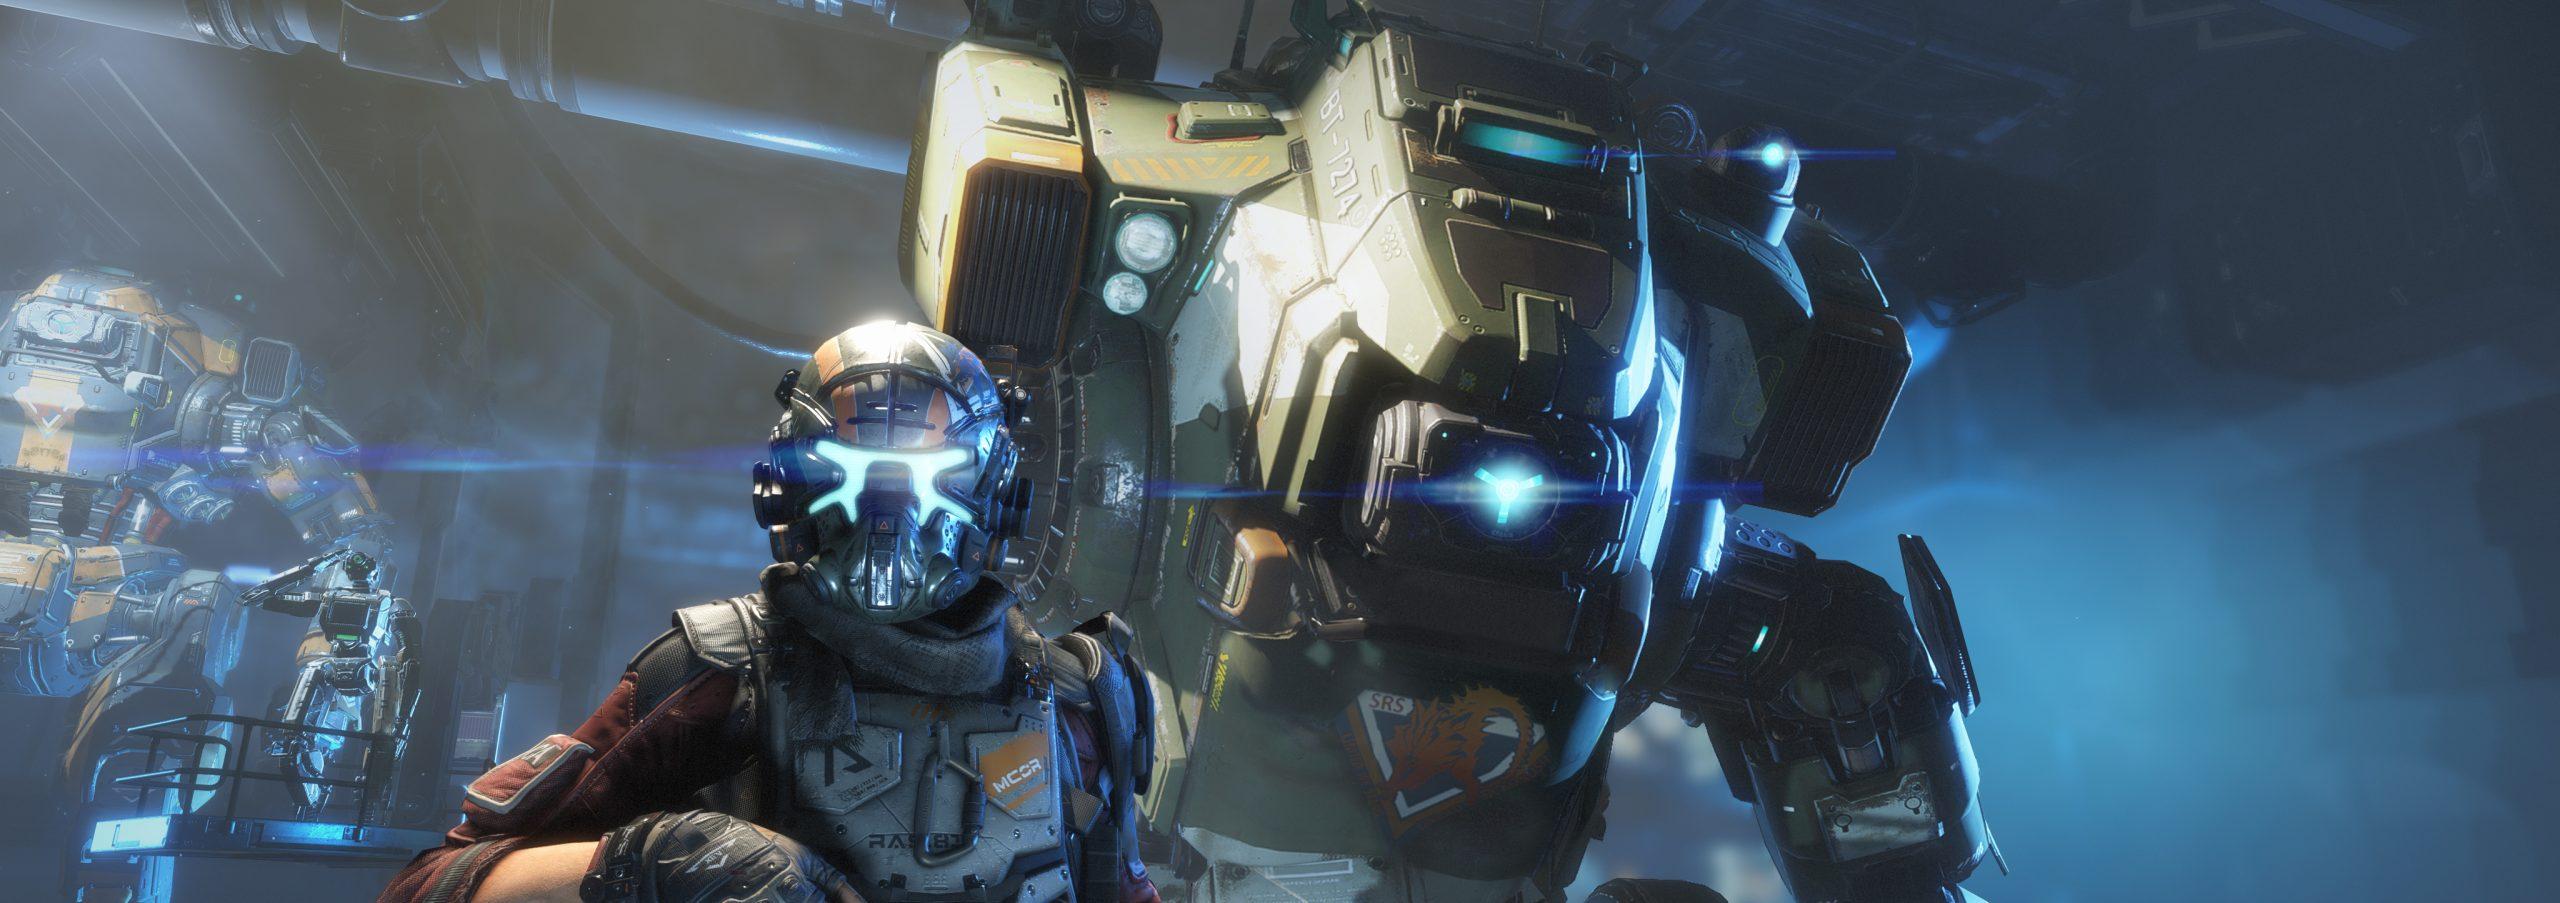 Queda do Titan 2 revisão: guerra mecanizada em um pacote refrescante